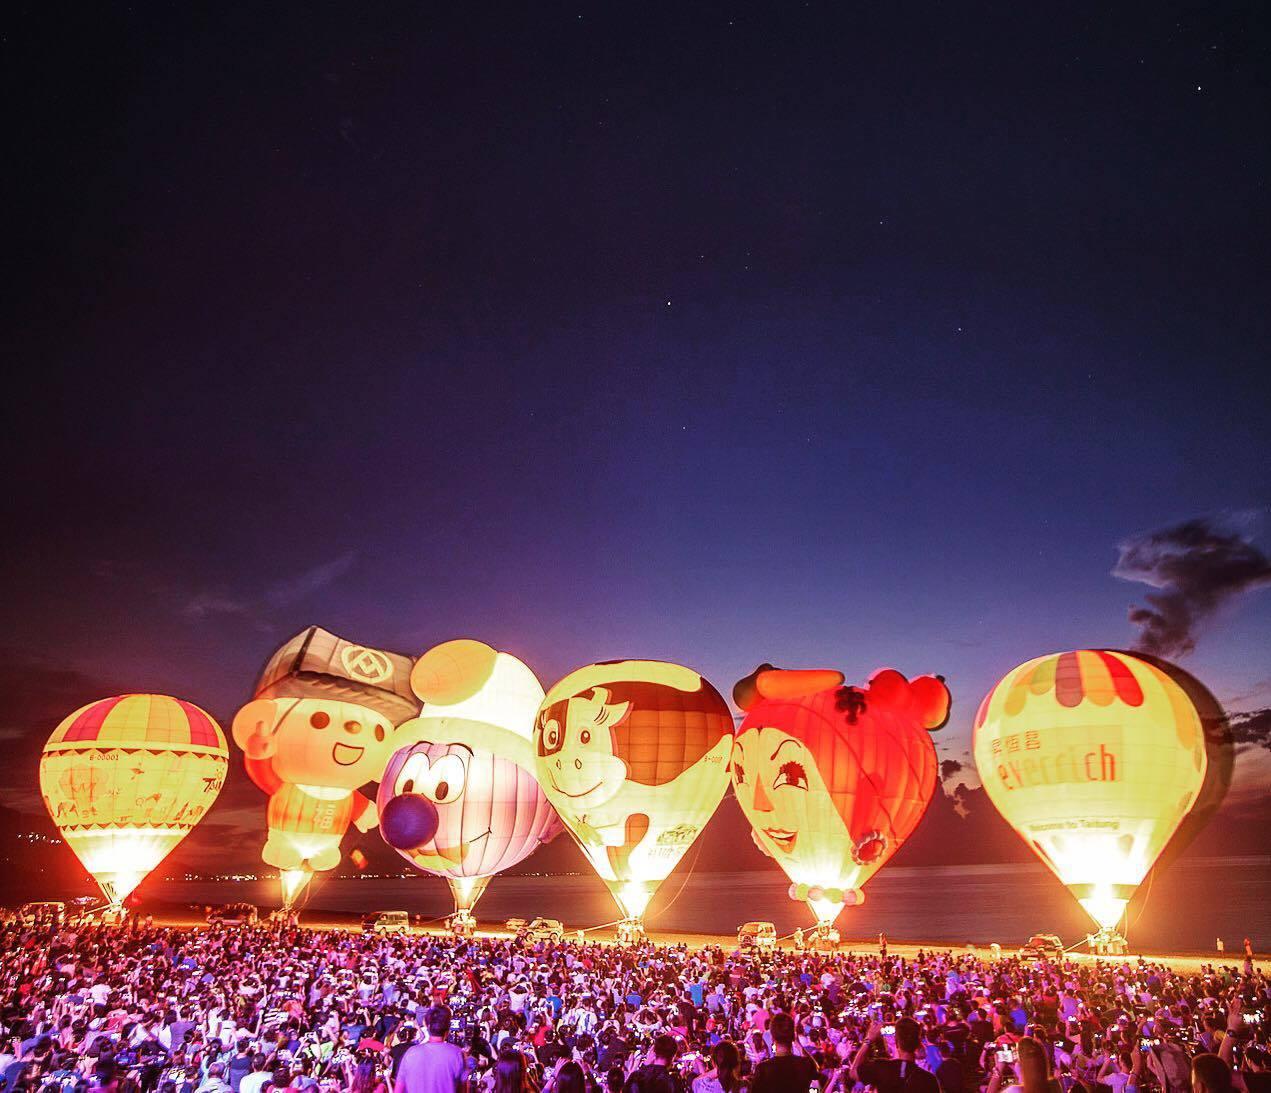 台灣國際熱氣球嘉年華從6月29日到8月12日間展開。圖/摘自台灣國際熱氣球嘉年華...